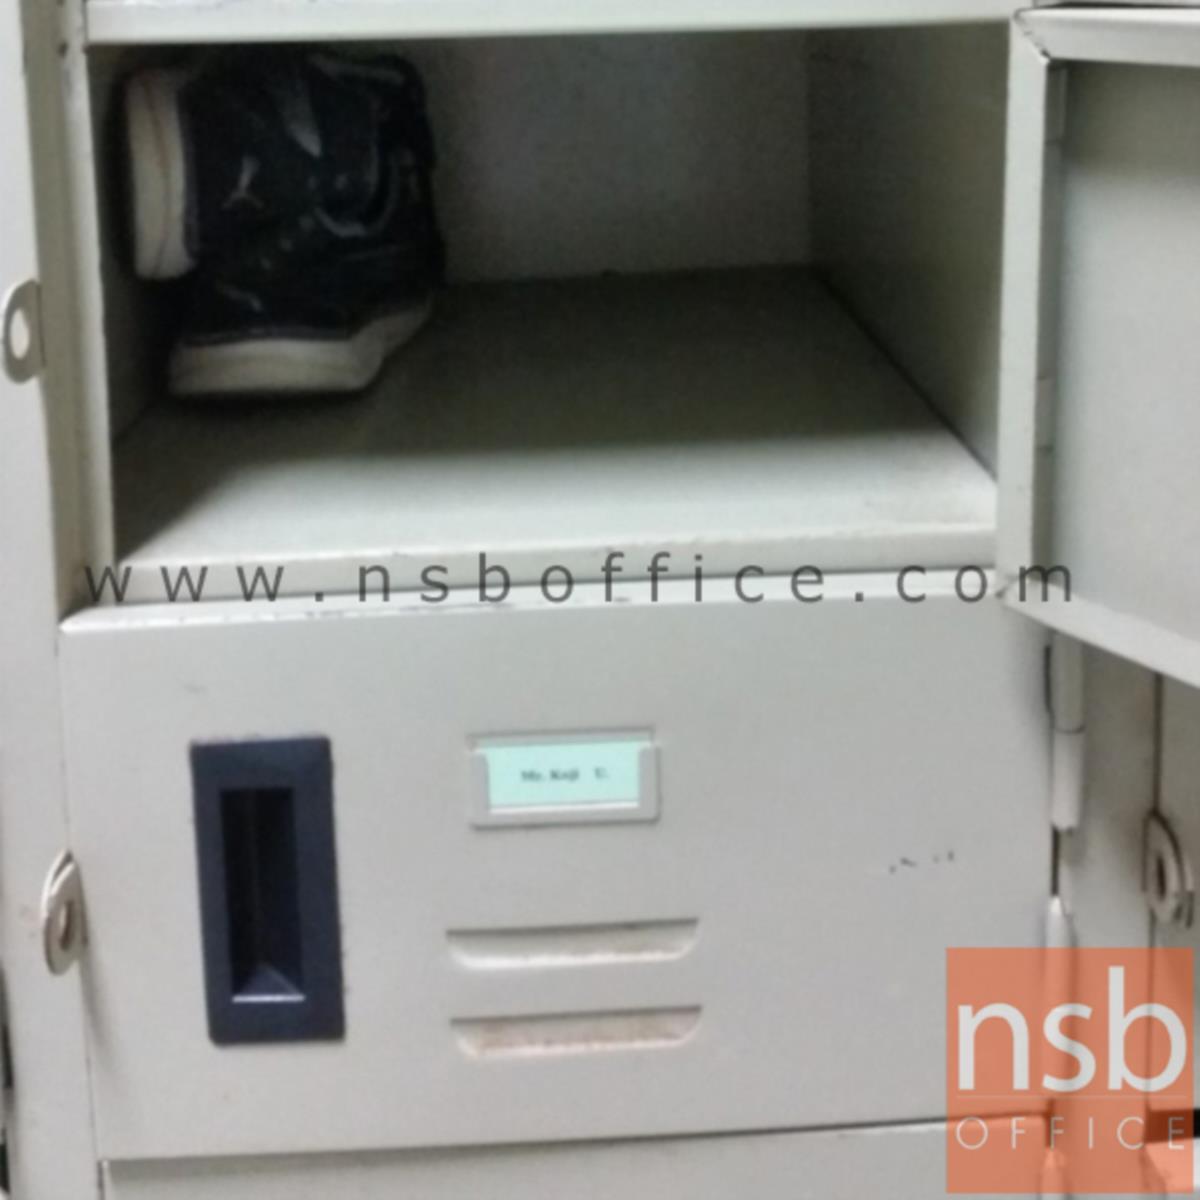 ตู้ล็อคเกอร์ 33 ประตู ระบบกุญแจกระเป๋าเดินทาง (รหัสล็อค 4 รหัส) รุ่น LK33CL